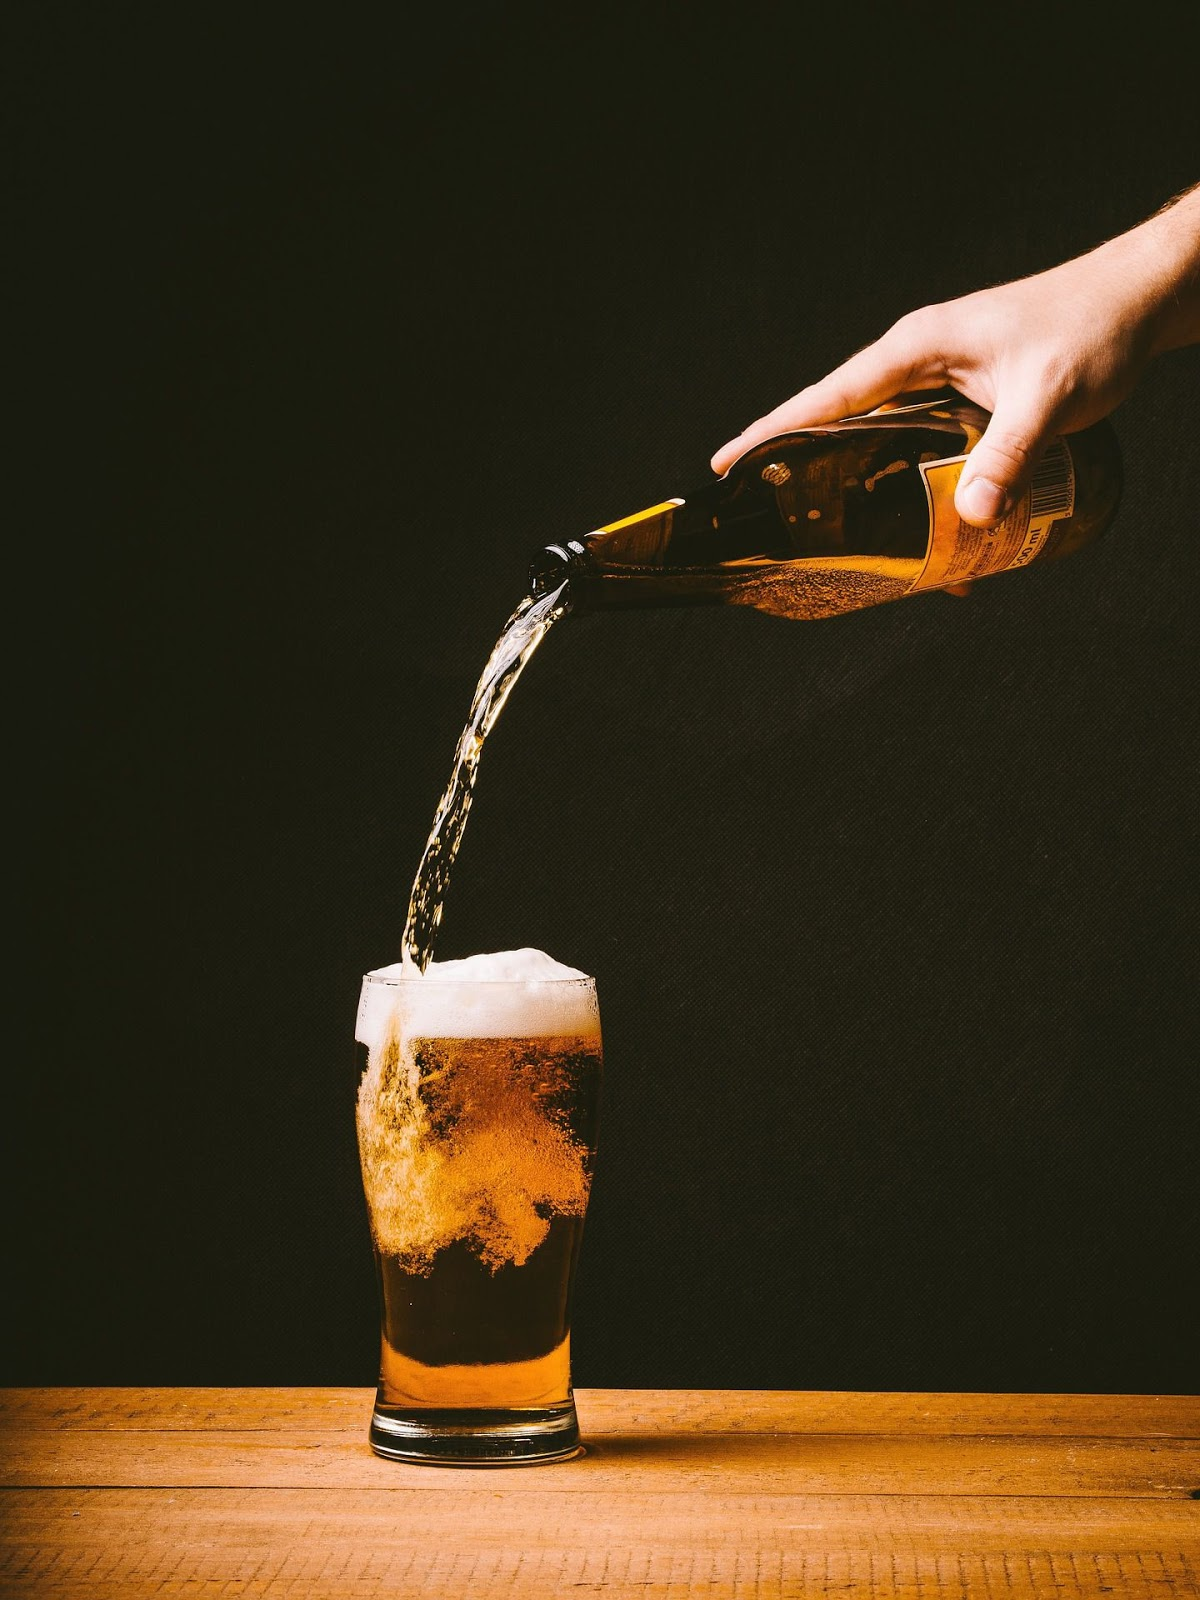 Процесс наливания пива в стакан